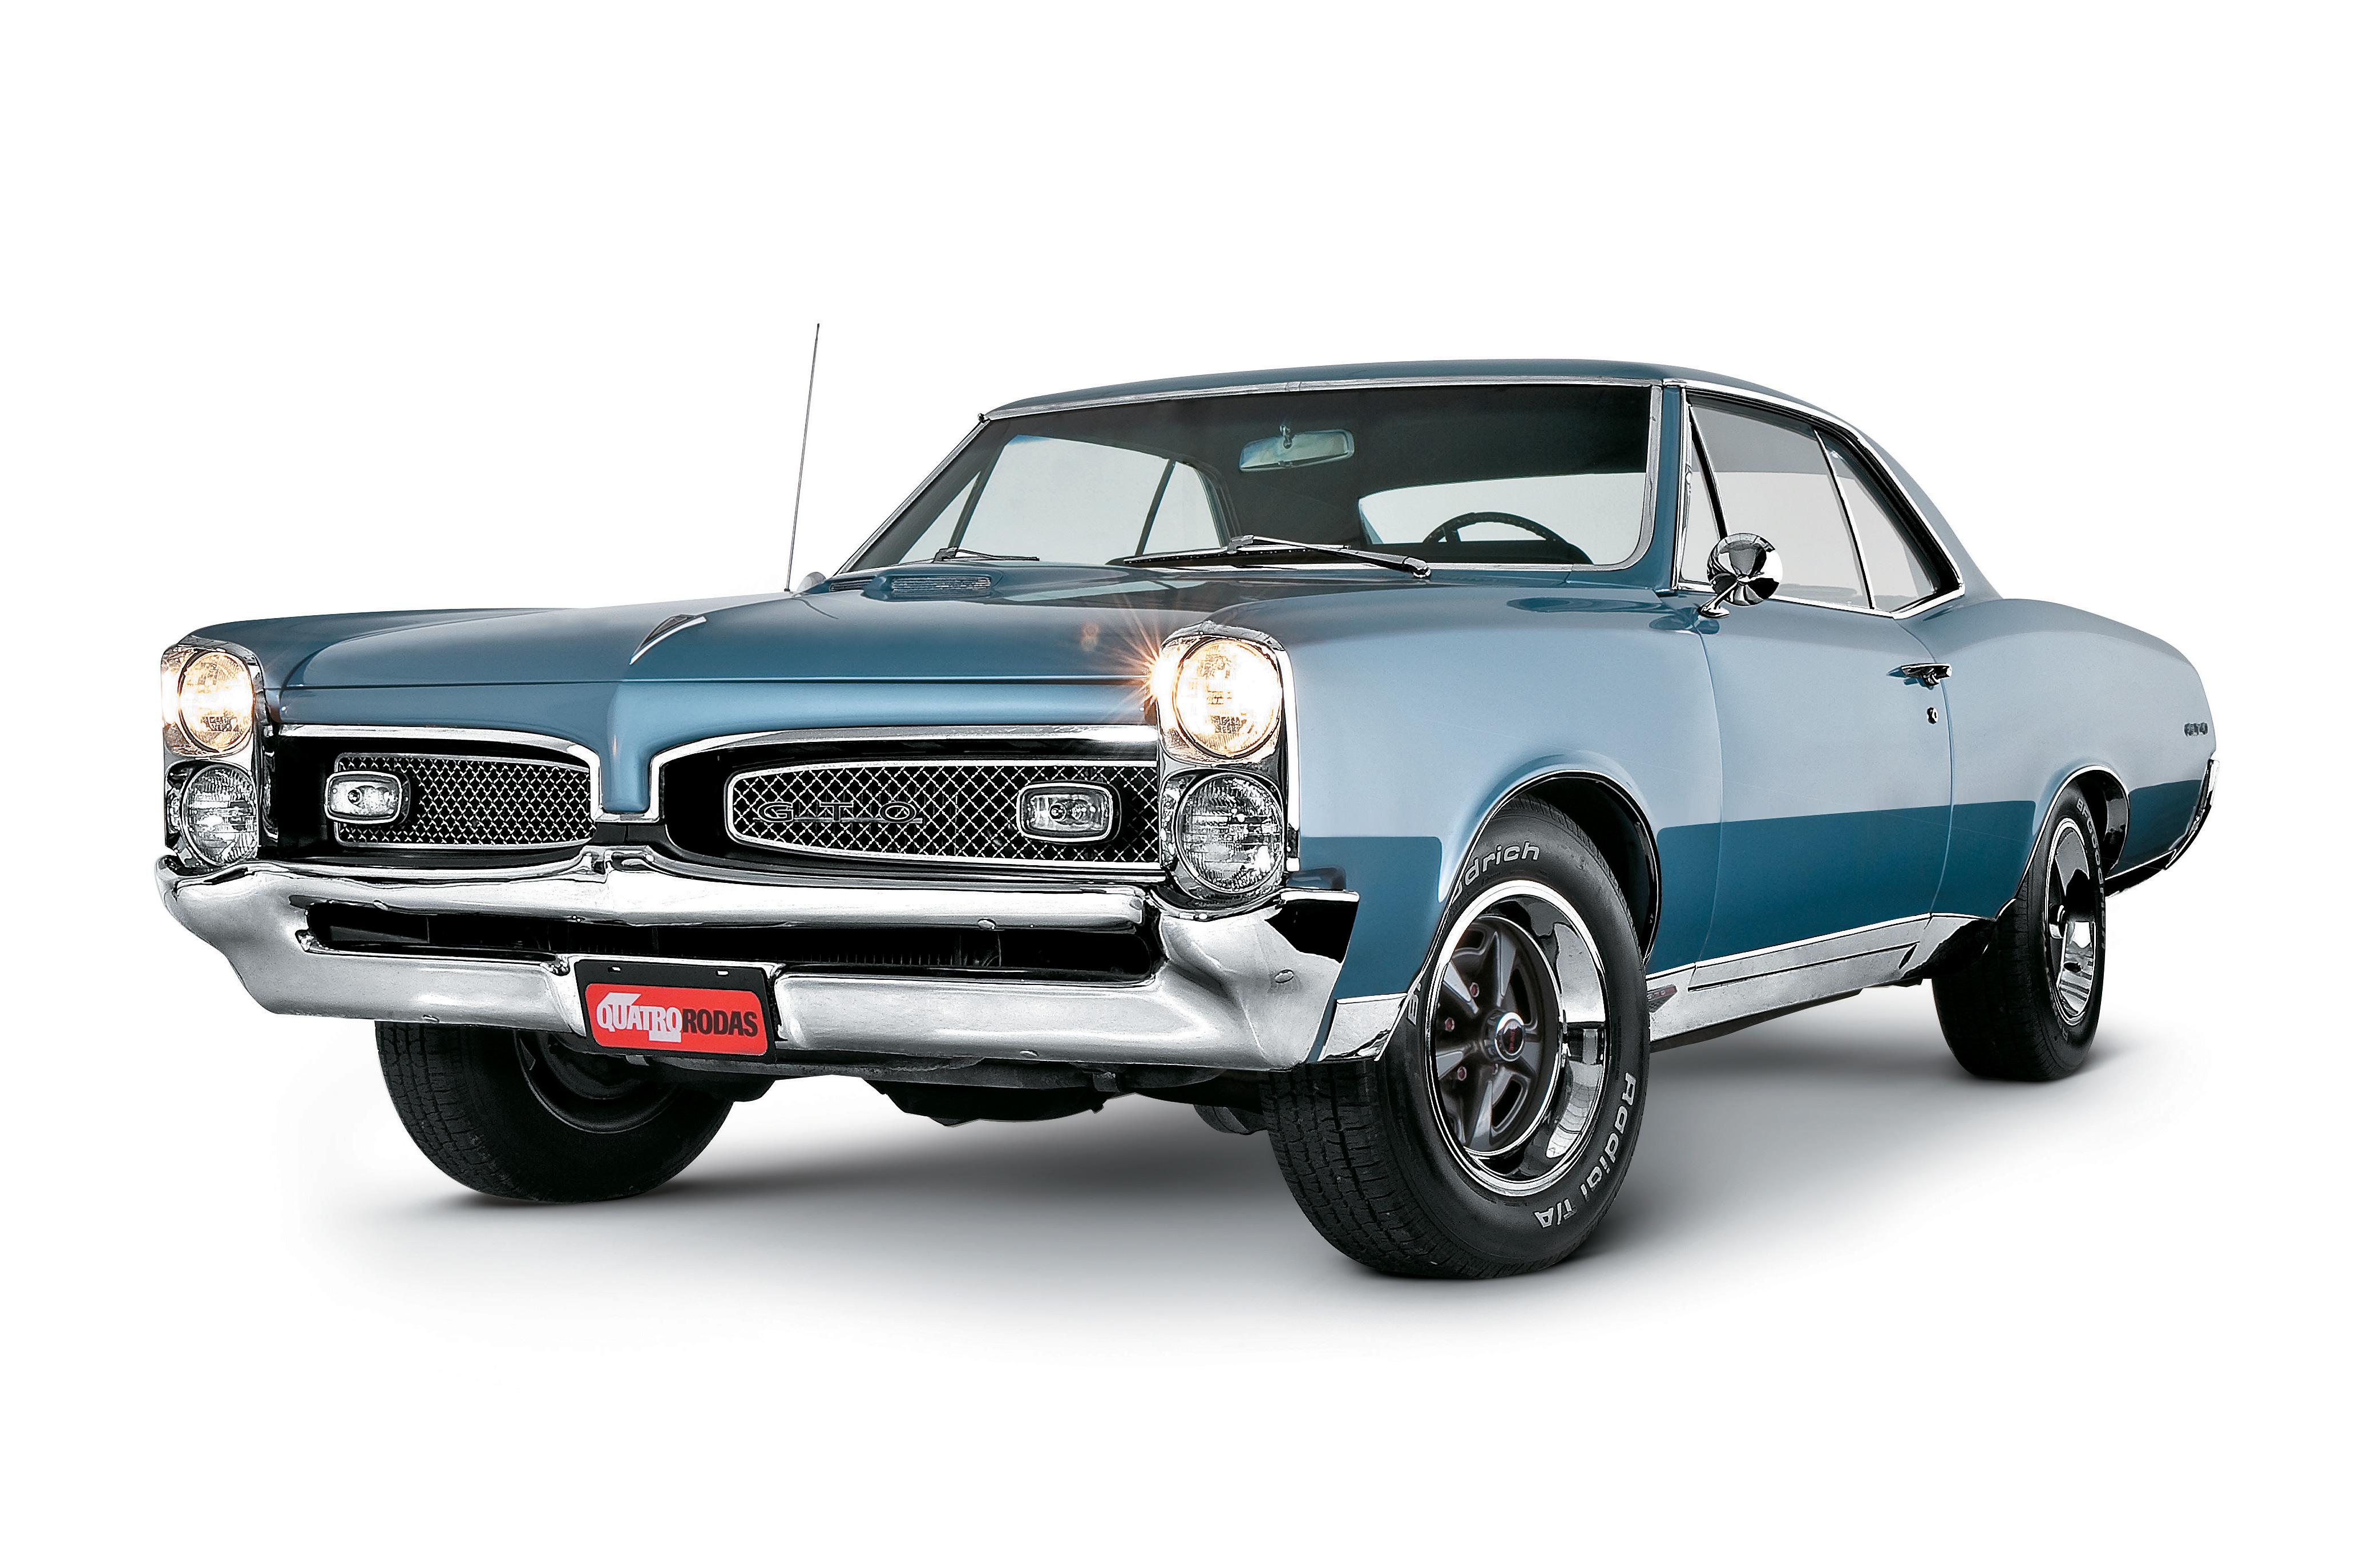 Pontiac Gto 1967 Musculos De Aco Quatro Rodas